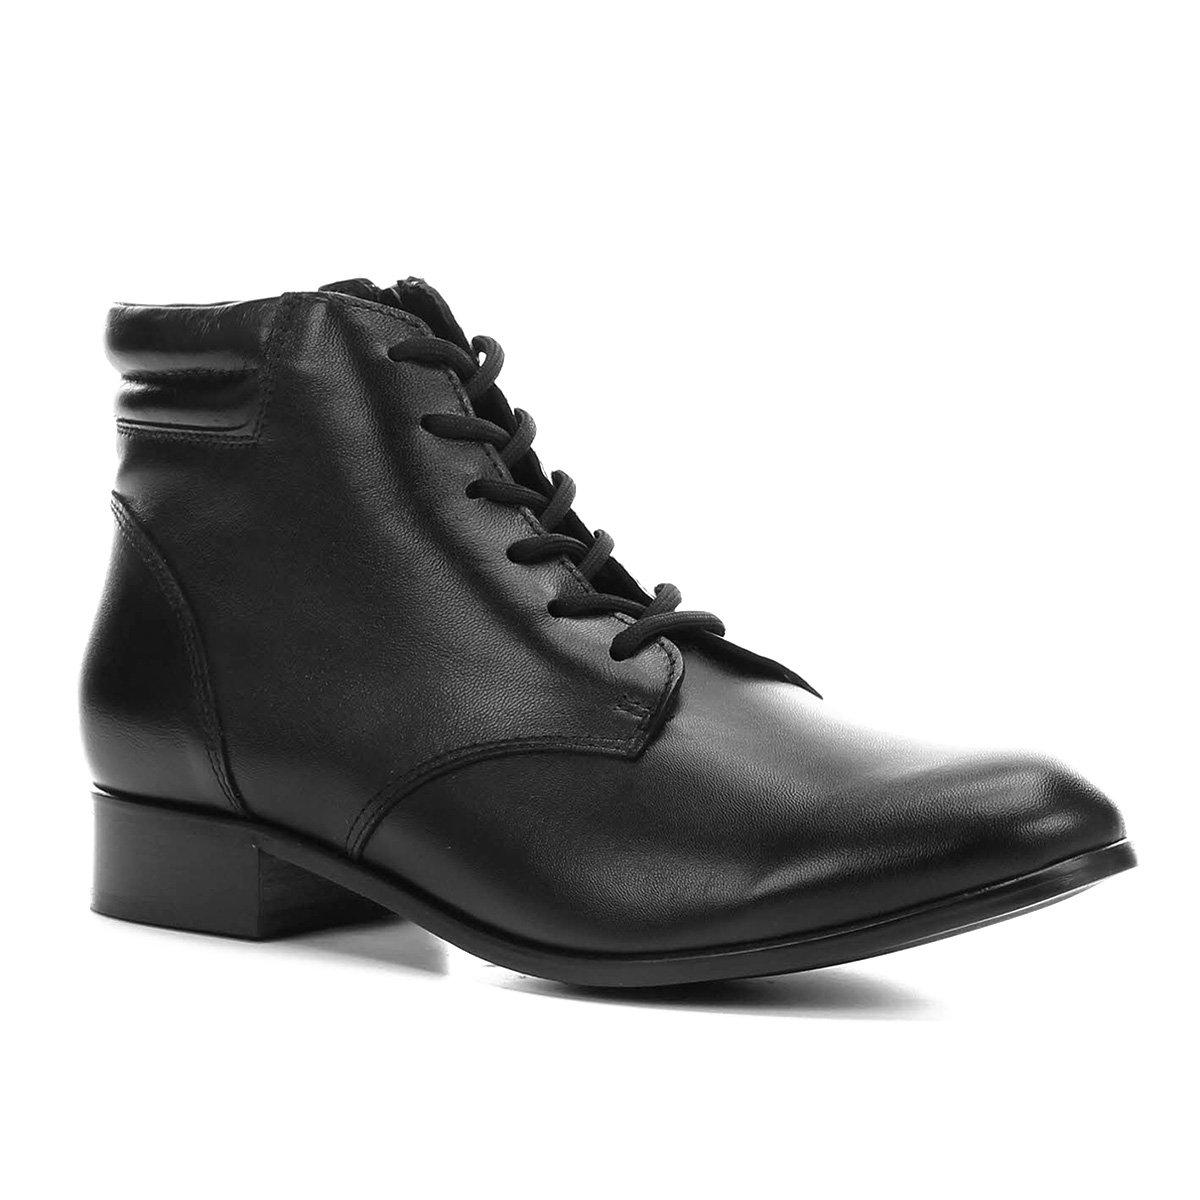 34363df0f1c3d Bota Couro Coturno Shoestock Feminina - Preto - Compre Agora   Zattini